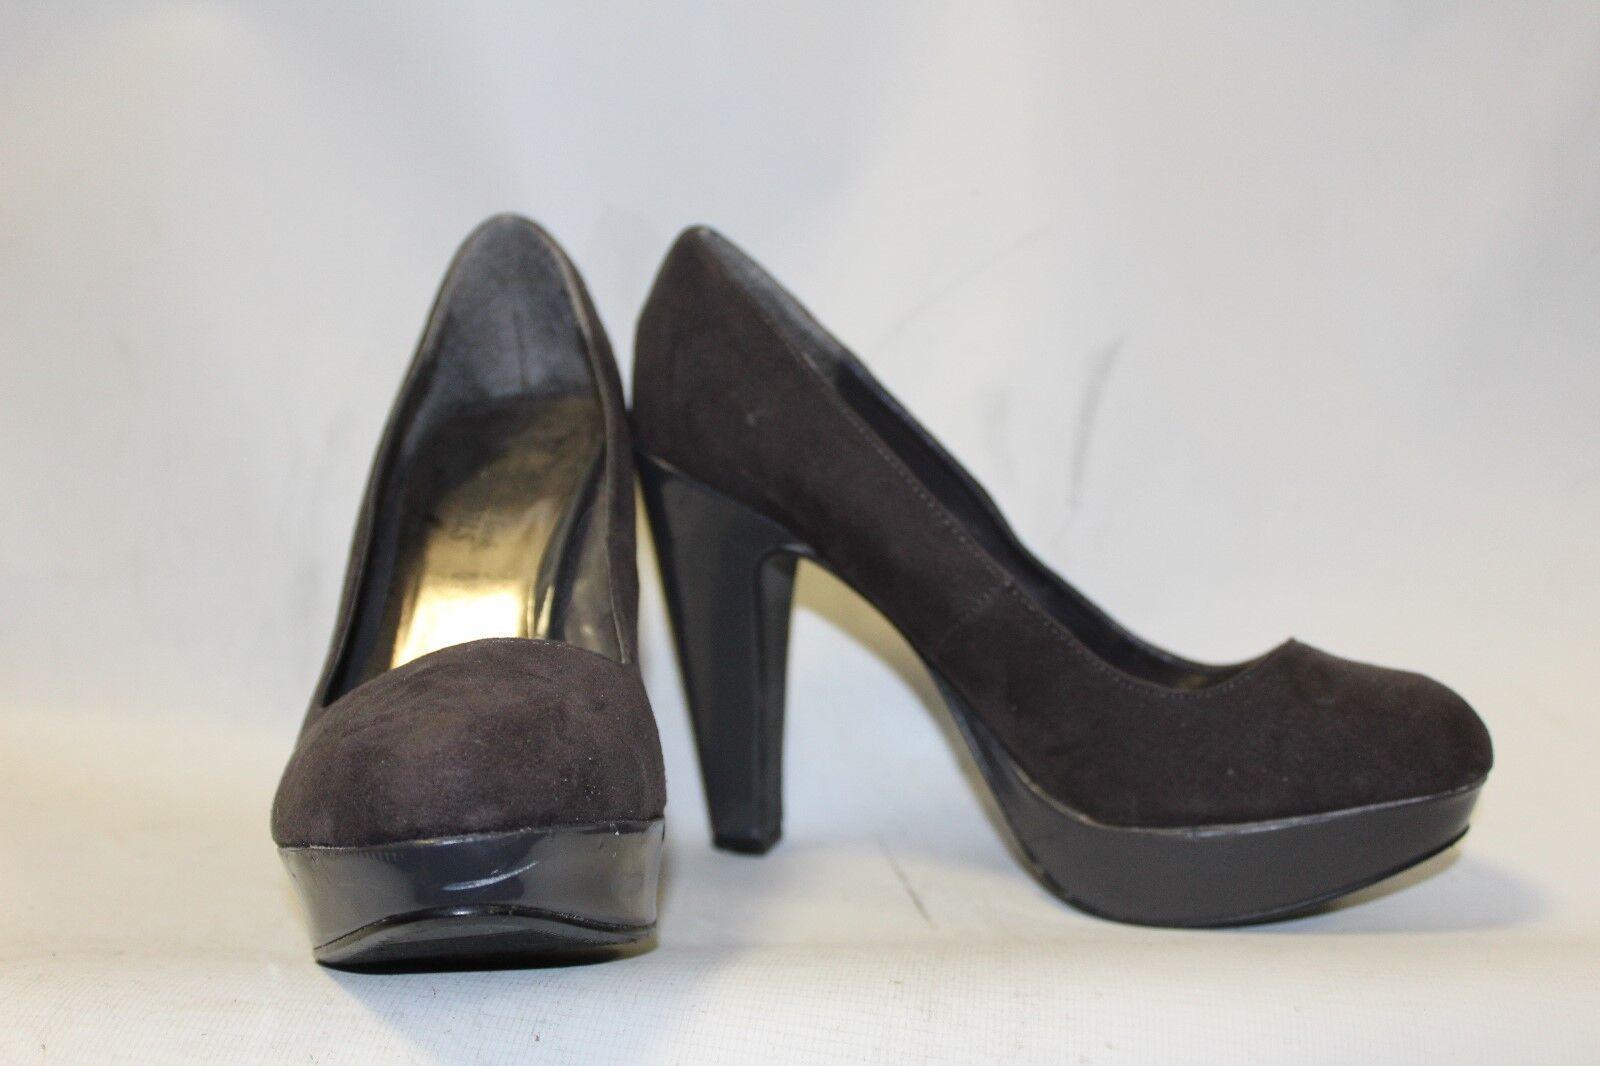 Moda jest prosta i niedroga Ladies Grey Platform Shoes Size 38 uk 5 New Look